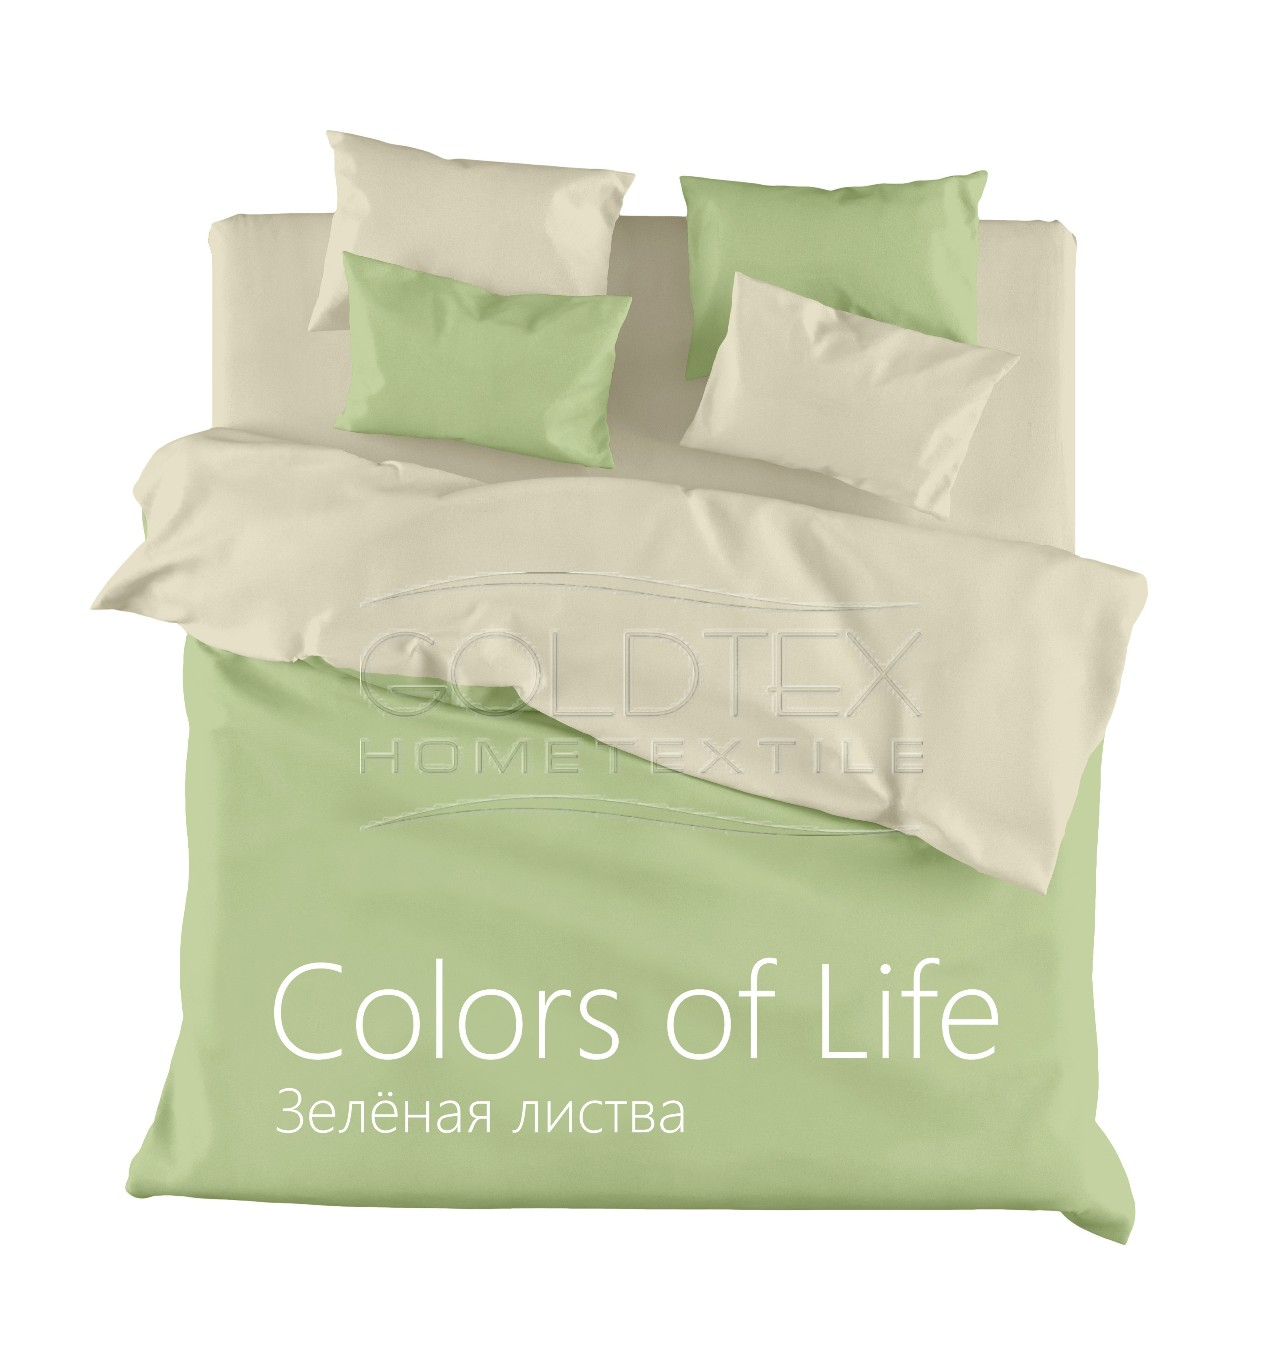 Комплект Зеленая листва, размер 2,0-спальный с 4 наволочкамиСатин<br>Плотность ткани:130 г/кв. м<br>Пододеяльник:220х175 см - 1 шт.<br>Простыня:220х240 см - 1 шт.<br>Наволочка:70х70 см - 2 шт. 50х70 см - 2 шт.<br><br>Тип: КПБ<br>Размер: 2,0-сп. 4 нав.<br>Материал: Сатин